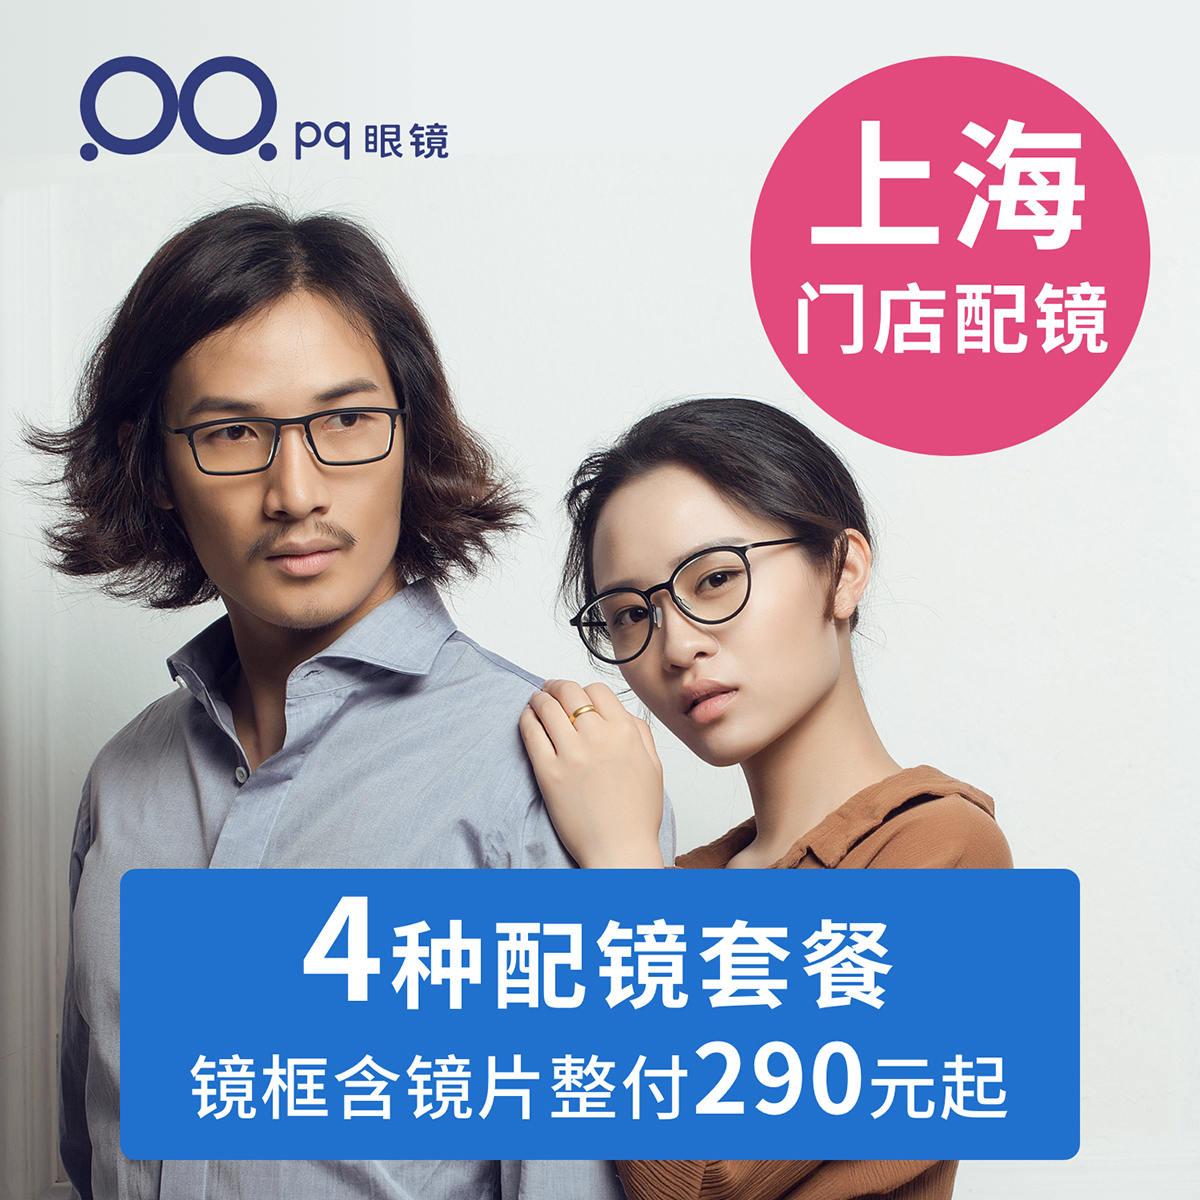 PQ眼镜线下实体店配眼镜近视镜框男女镜片防蓝光变色专业验光服务